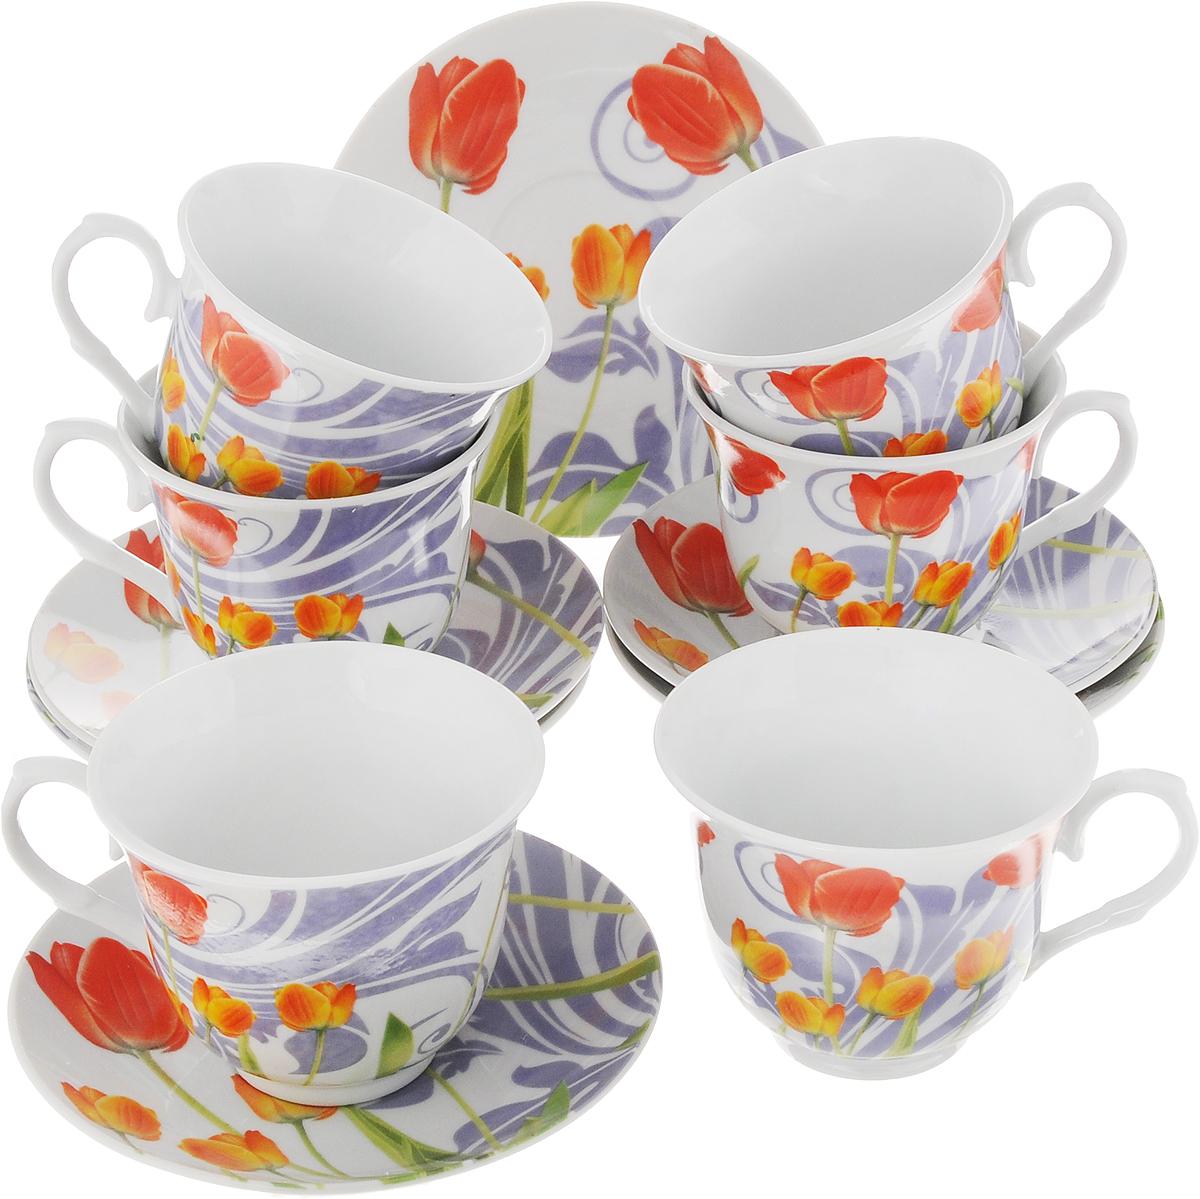 Набор чайный Bella Тюльпаны, 12 предметов115510Чайный набор Bella состоит из 6 чашек и 6 блюдец, изготовленных из высококачественного фарфора. Такой набор прекрасно дополнит сервировку стола к чаепитию, а также станет замечательным подарком для ваших друзей и близких. Объем чашки: 250 мл. Диаметр чашки (по верхнему краю): 9 см. Высота чашки: 7,5 см. Диаметр блюдца: 14 см.Высота блюдца: 1,8 см.